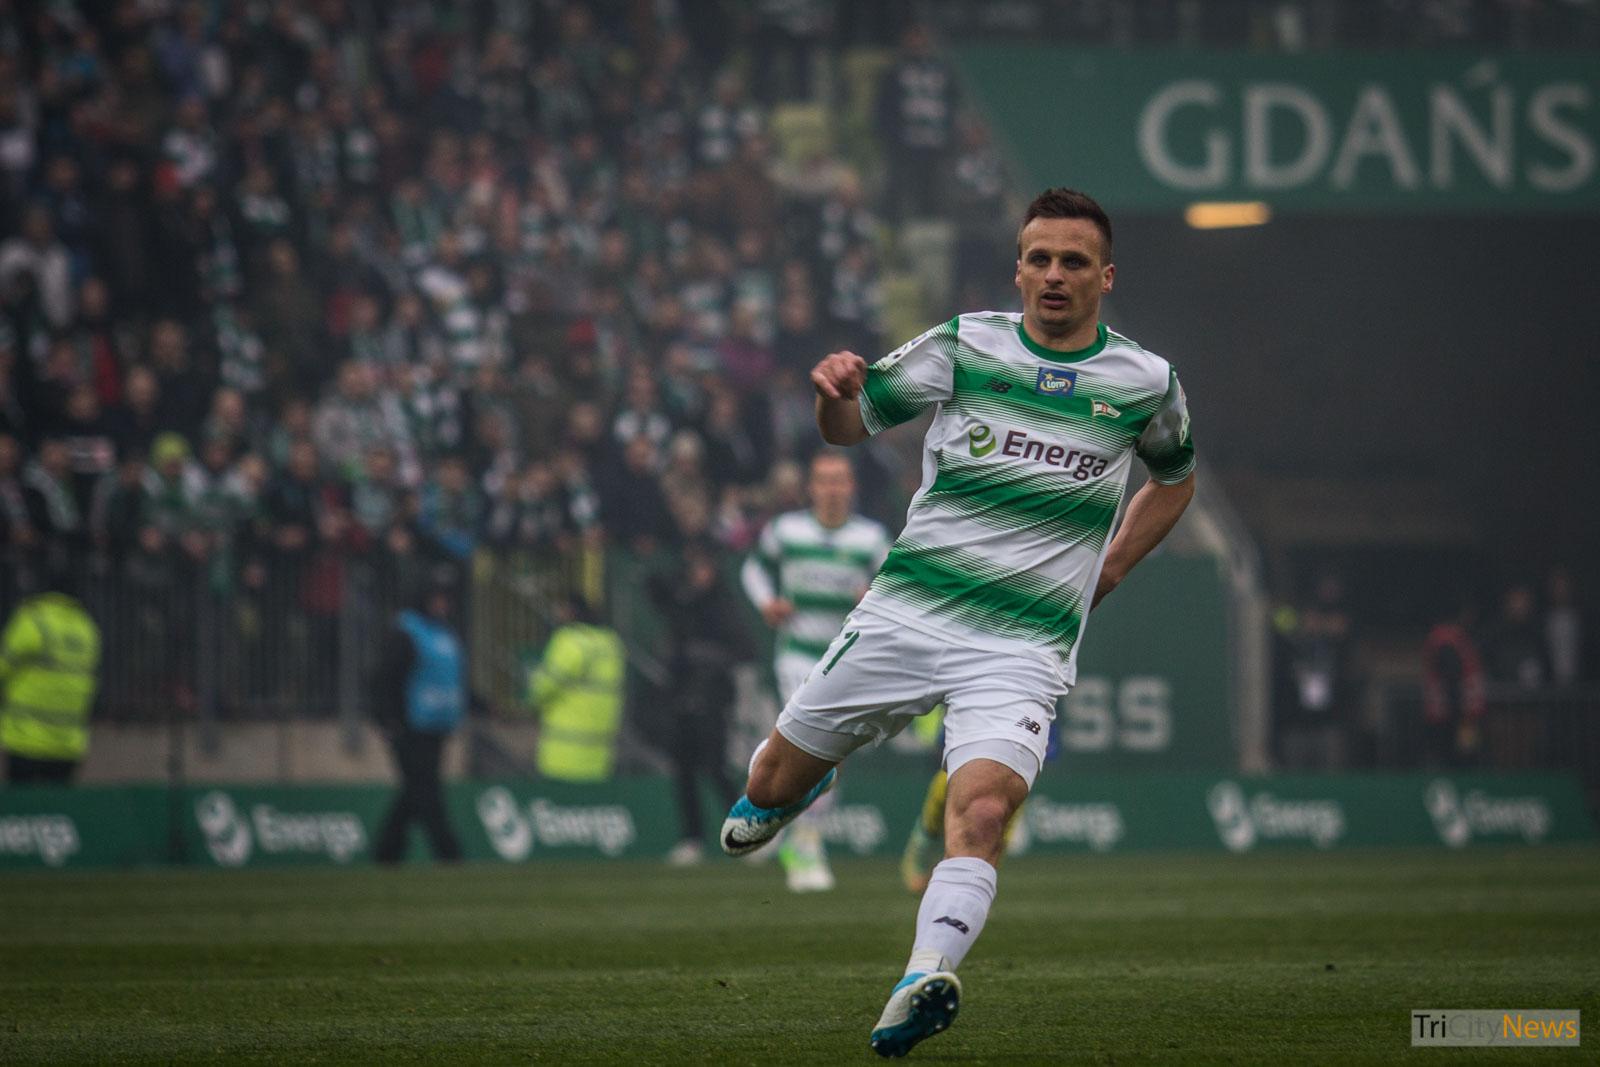 Slawomir Peszko at Tricity Derby, Photo: Jakub Wozniak/Tricity News